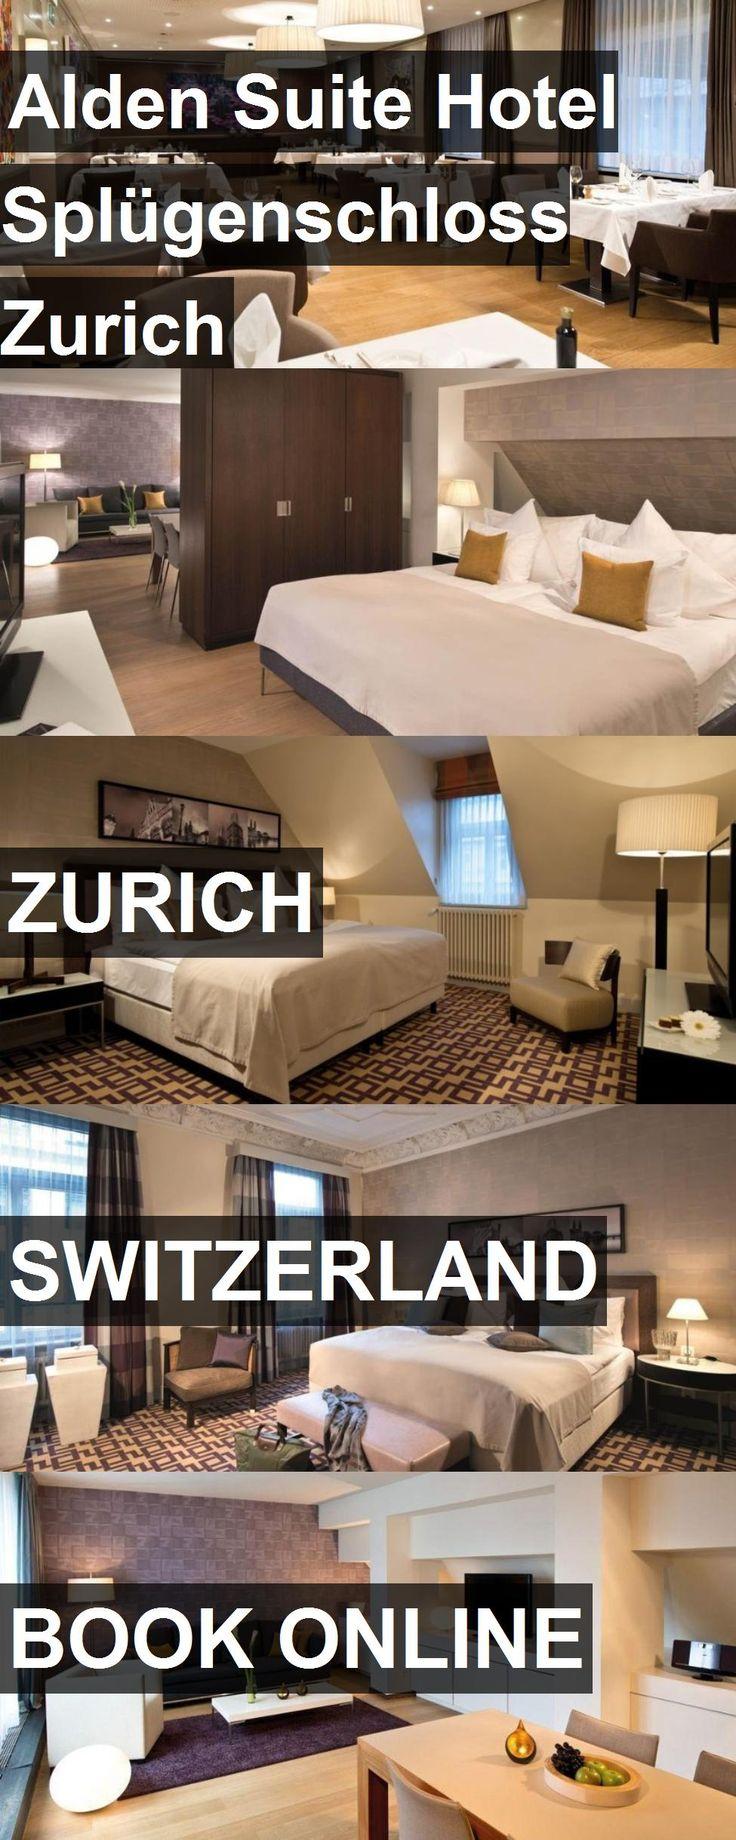 Alden Suite Hotel Splügenschloss Zurich in Zurich, Switzerland. For more information, photos, reviews and best prices please follow the link. #Switzerland #Zurich #travel #vacation #hotel